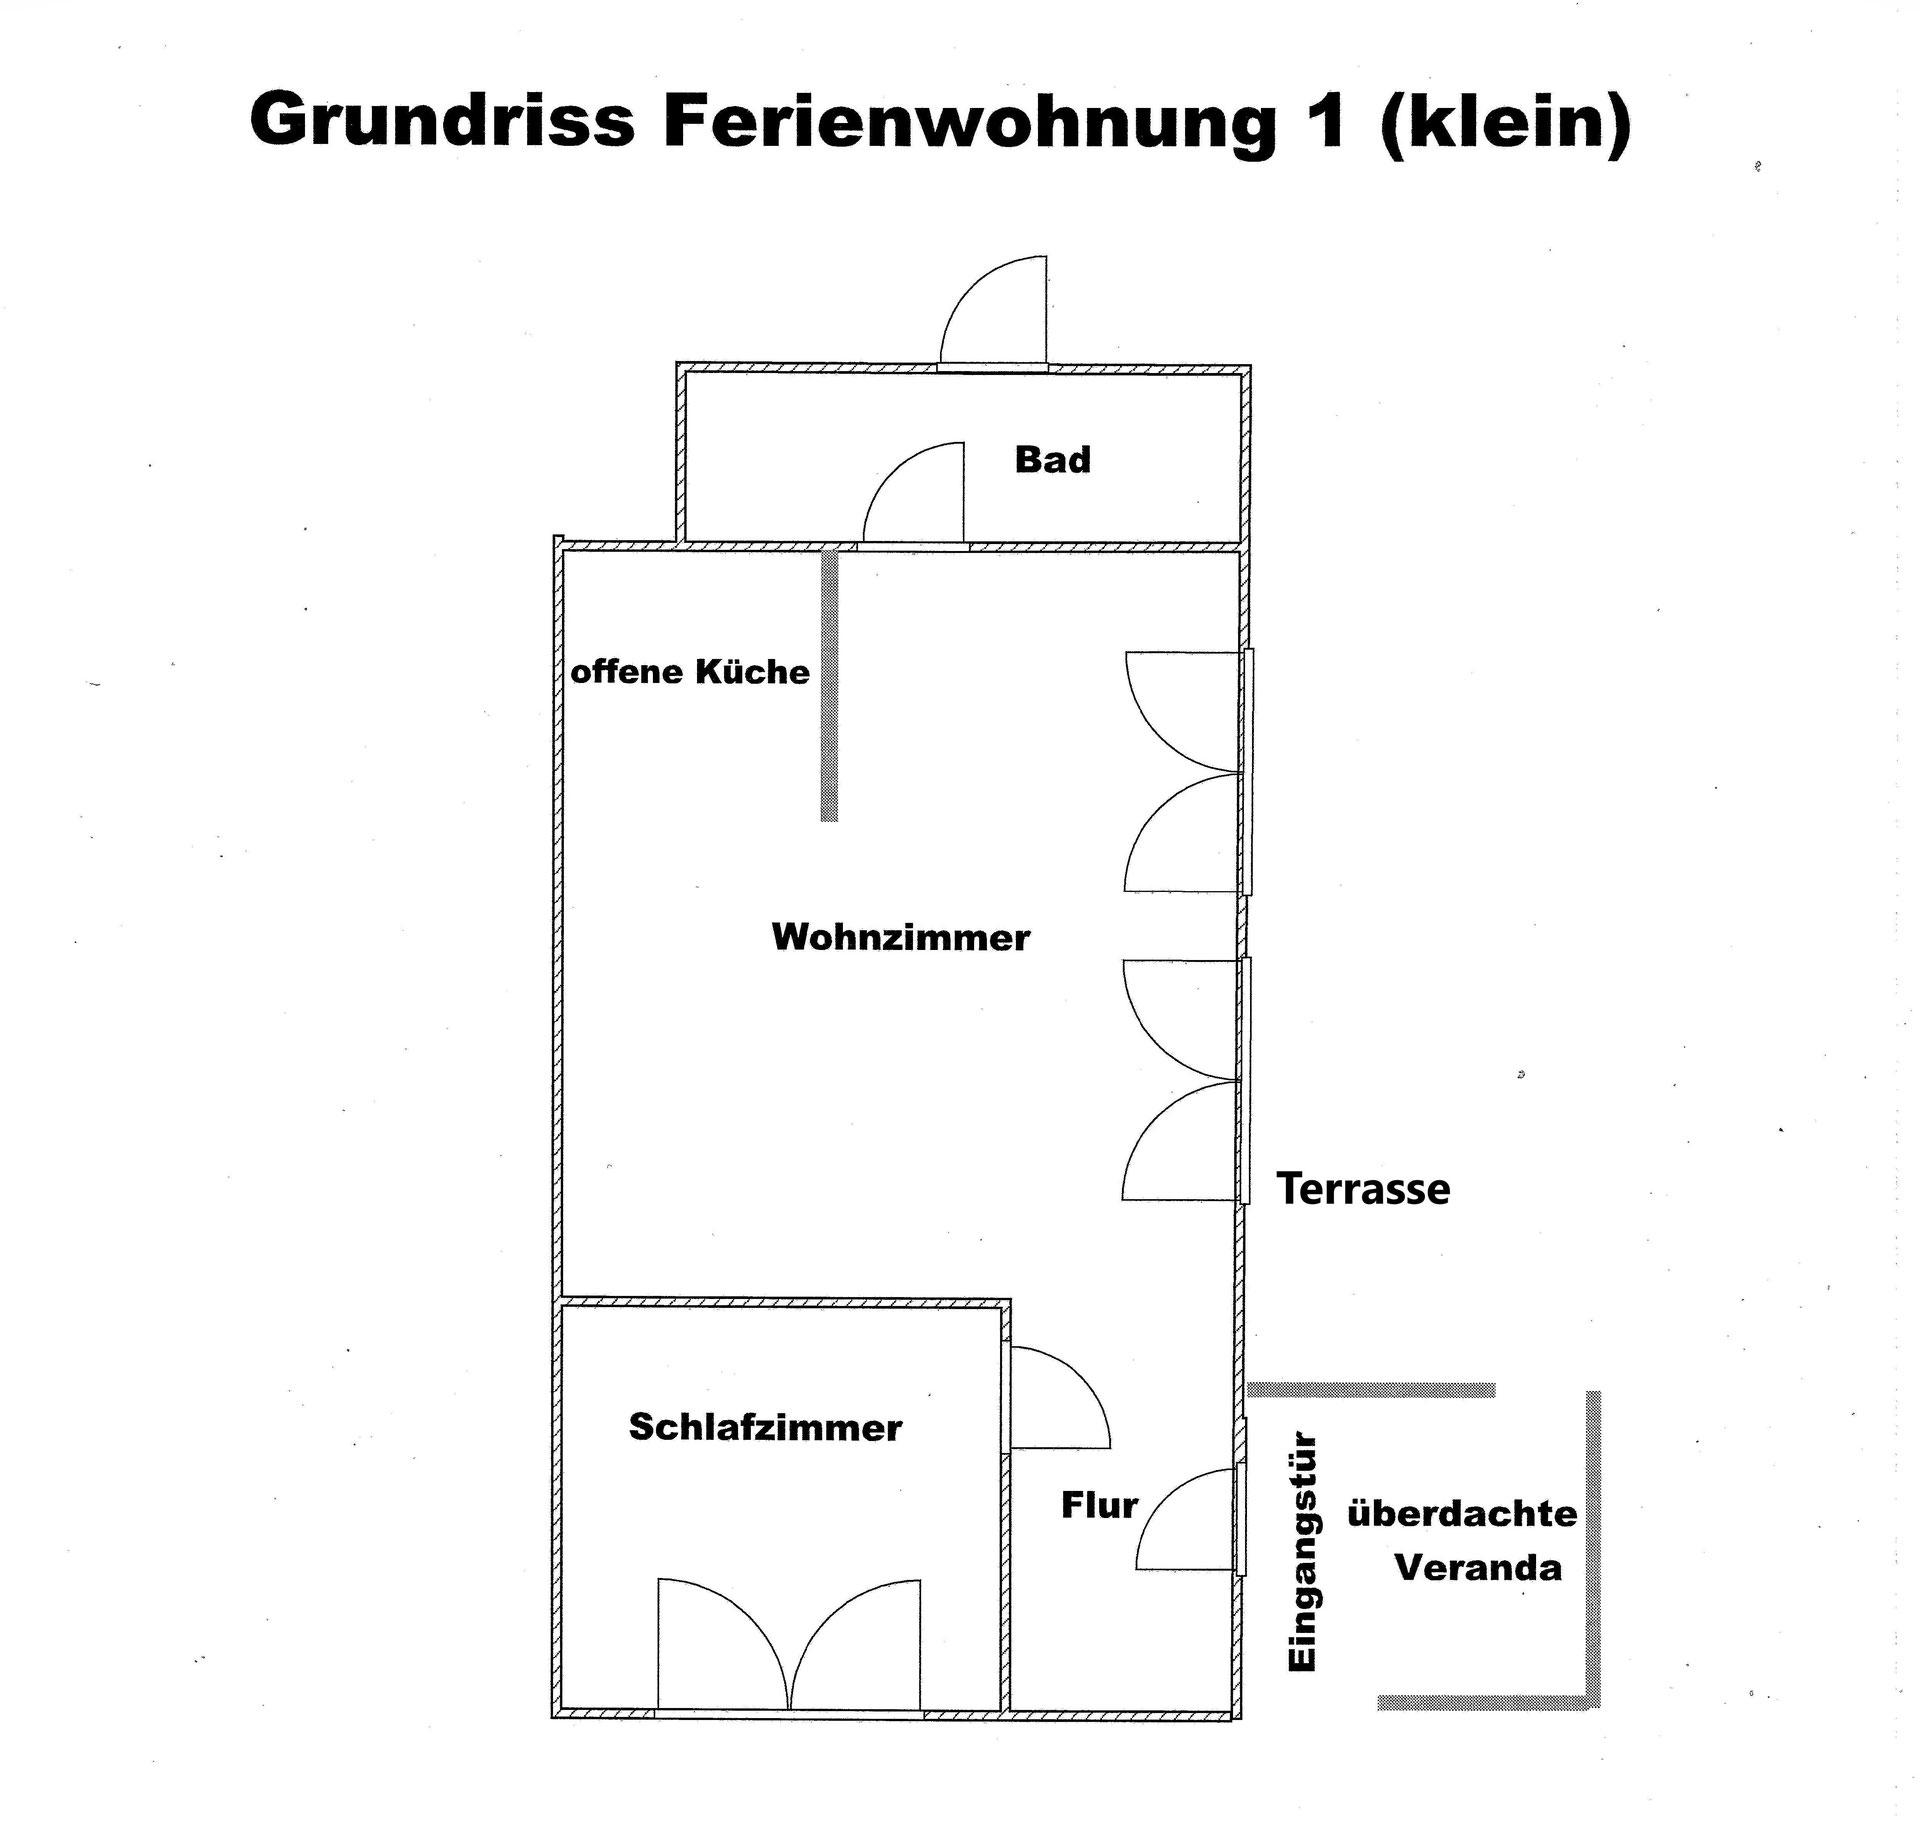 Großzügig Kleine Küche Grundrisse Mit Dimensionen Zeitgenössisch ...